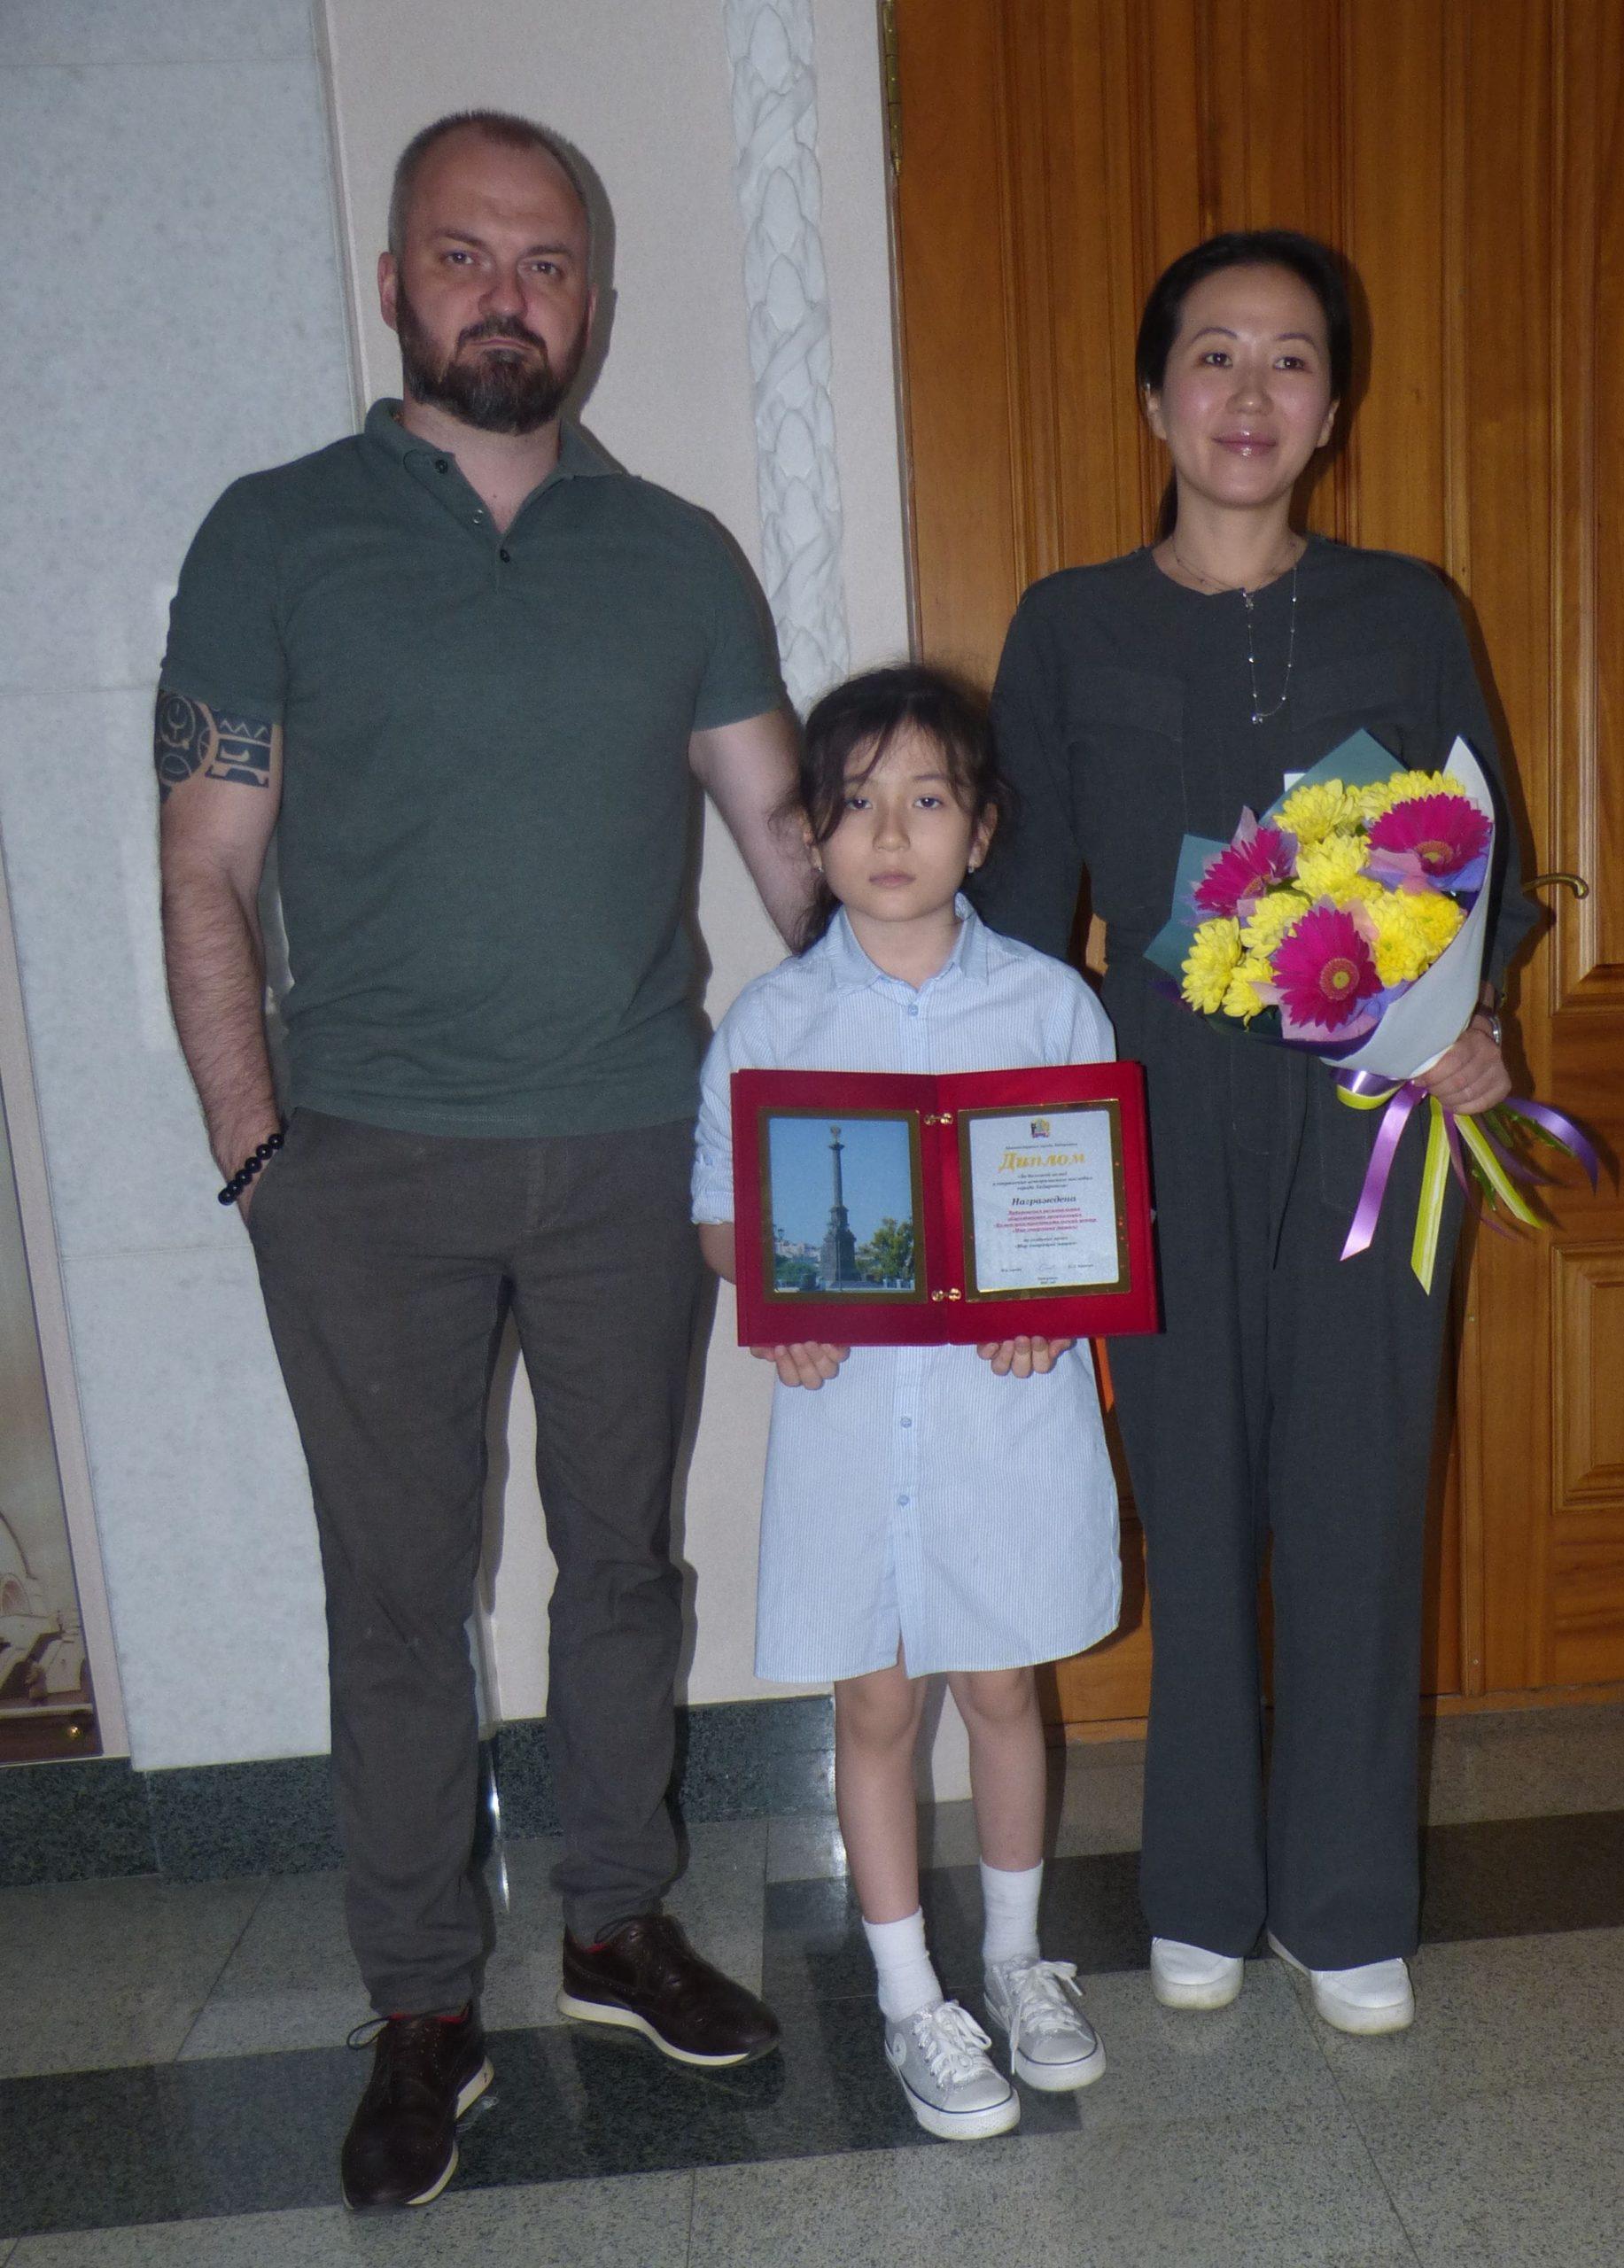 1-semya-veretennikovyh-mir-govoryashhih-mashin-s-zaduzhennj-nagradoj-min